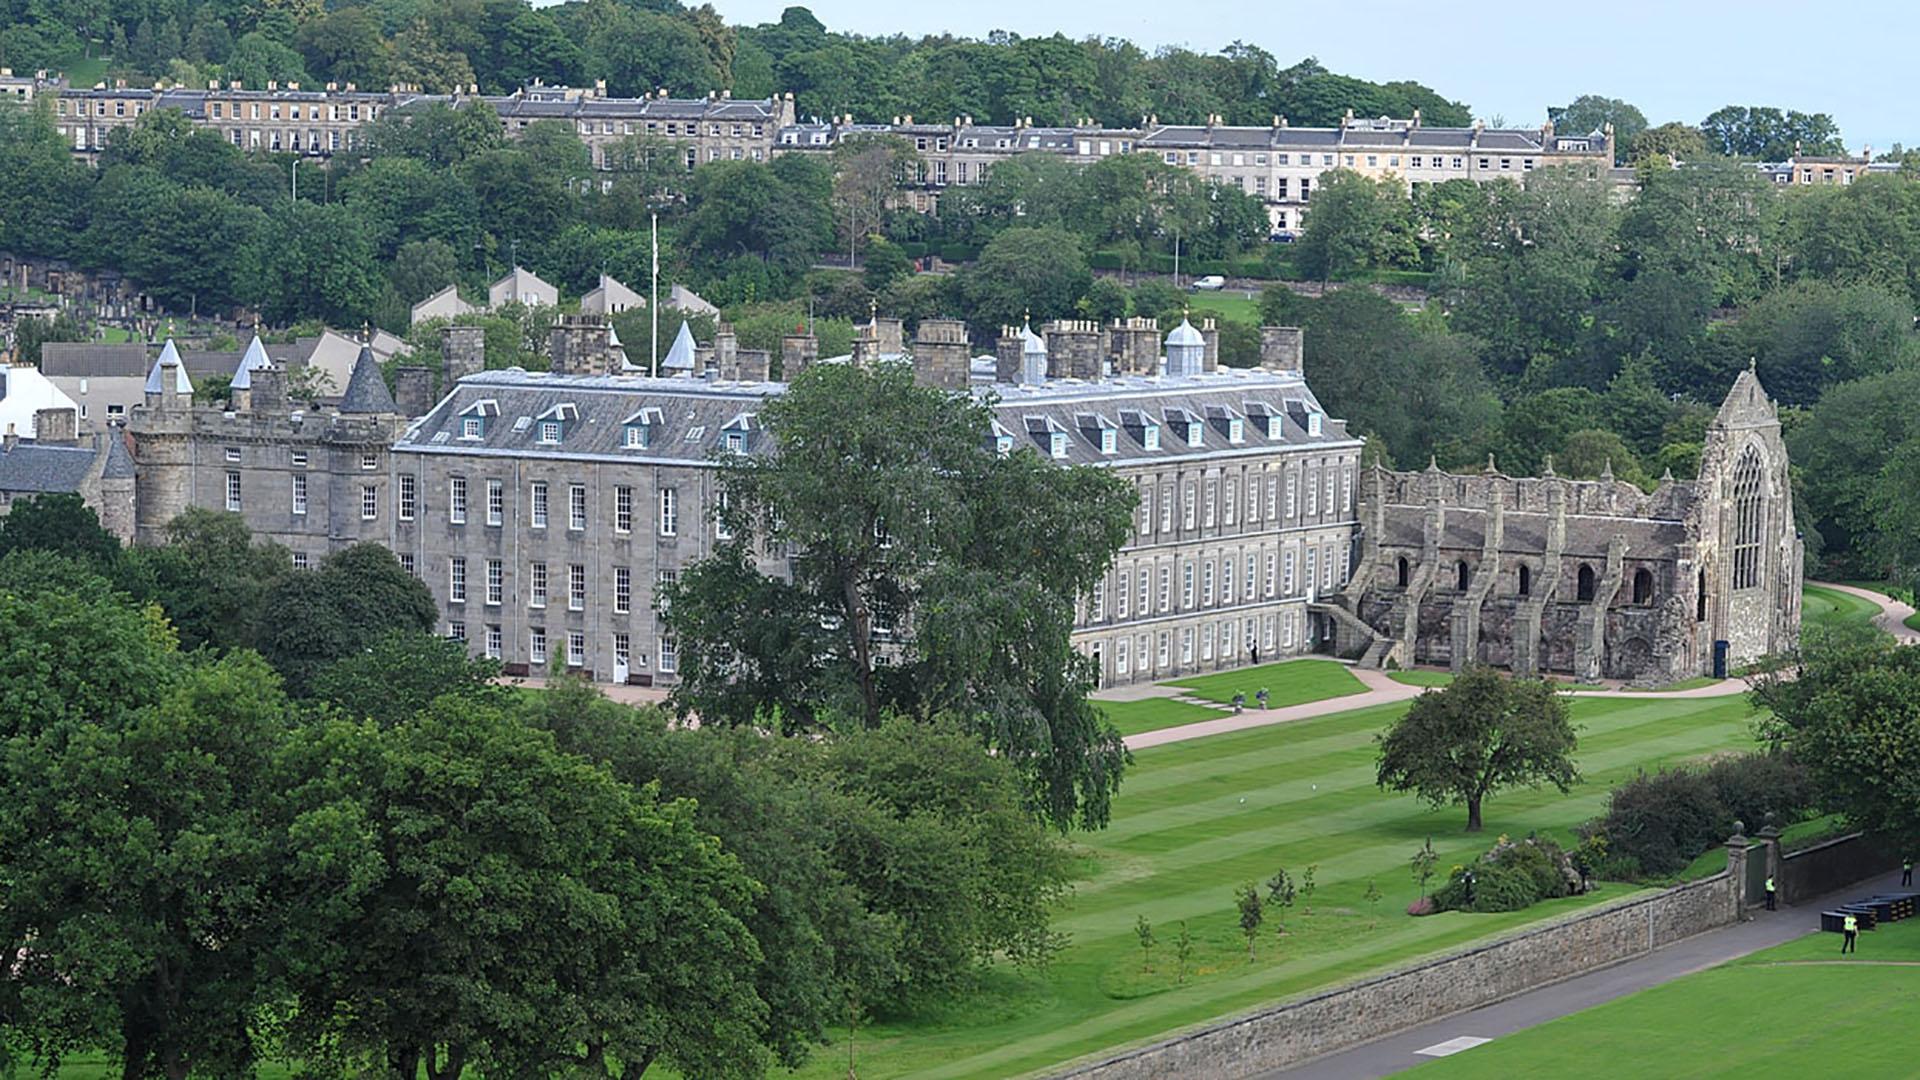 Una vista panorámica del espectular palacio Holyroodhouse